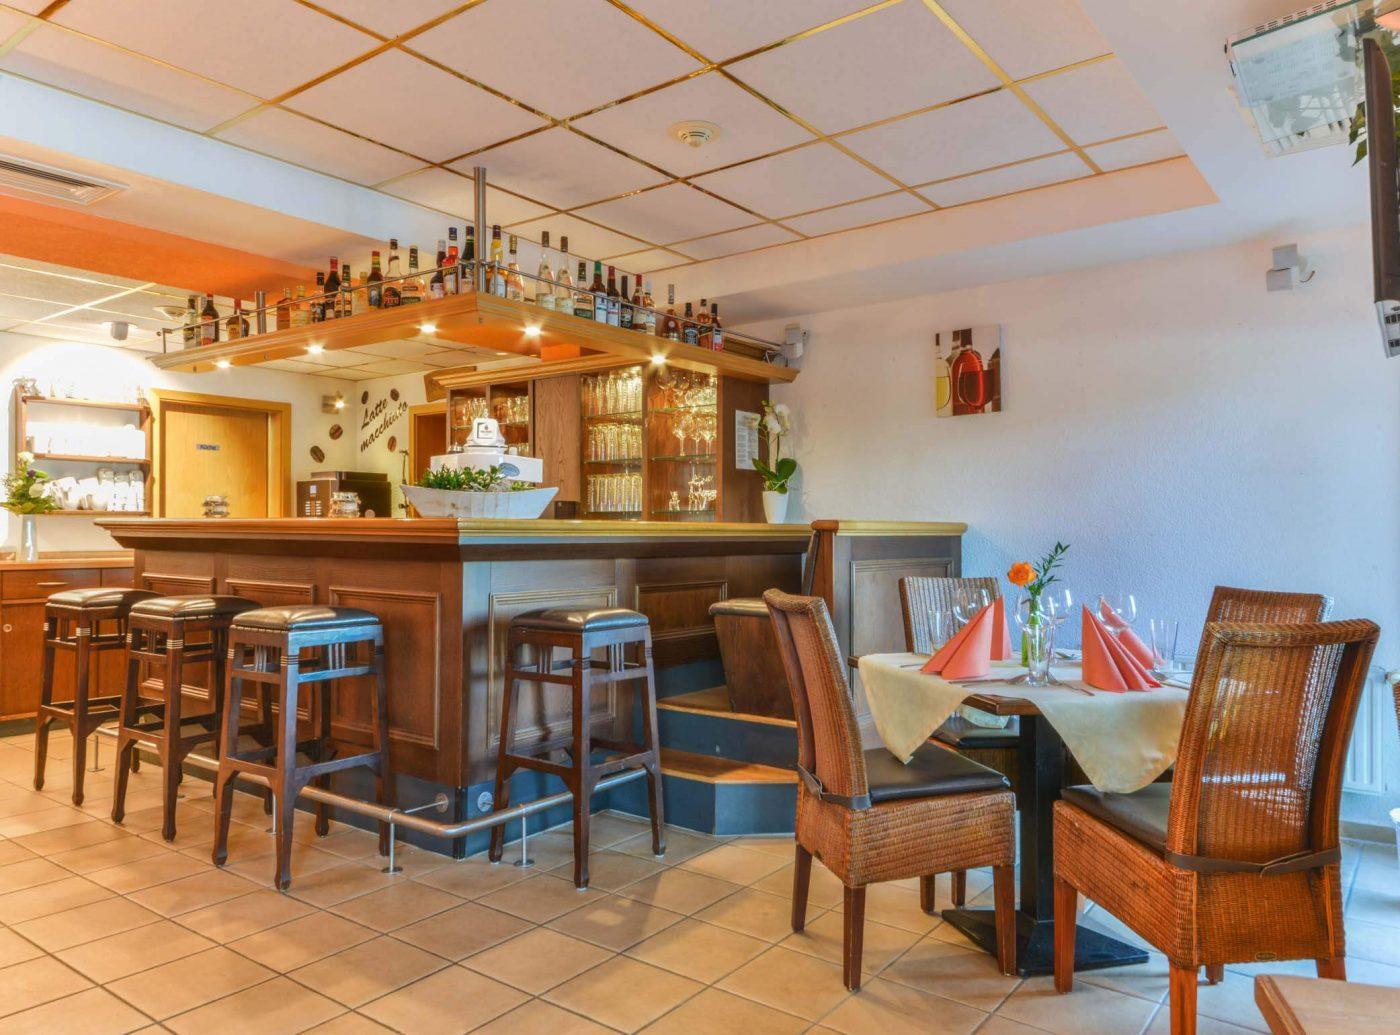 Forsthaus am Möhnesee Restaurant 7